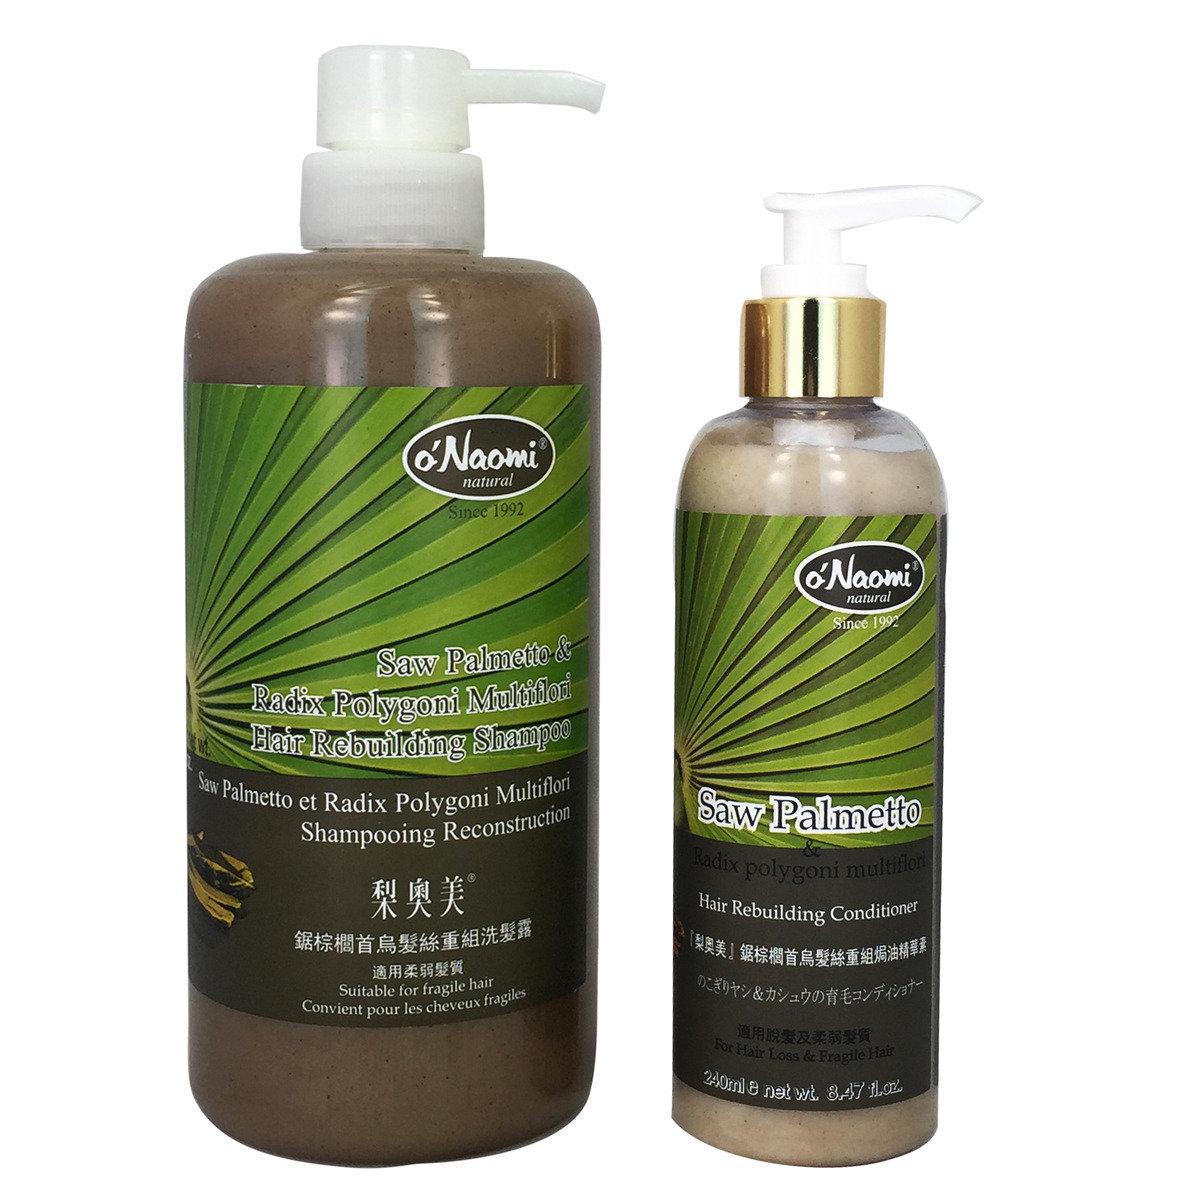 鋸棕櫚首烏髮絲重組洗髮露800毫升1支+修護精華素240毫升1支